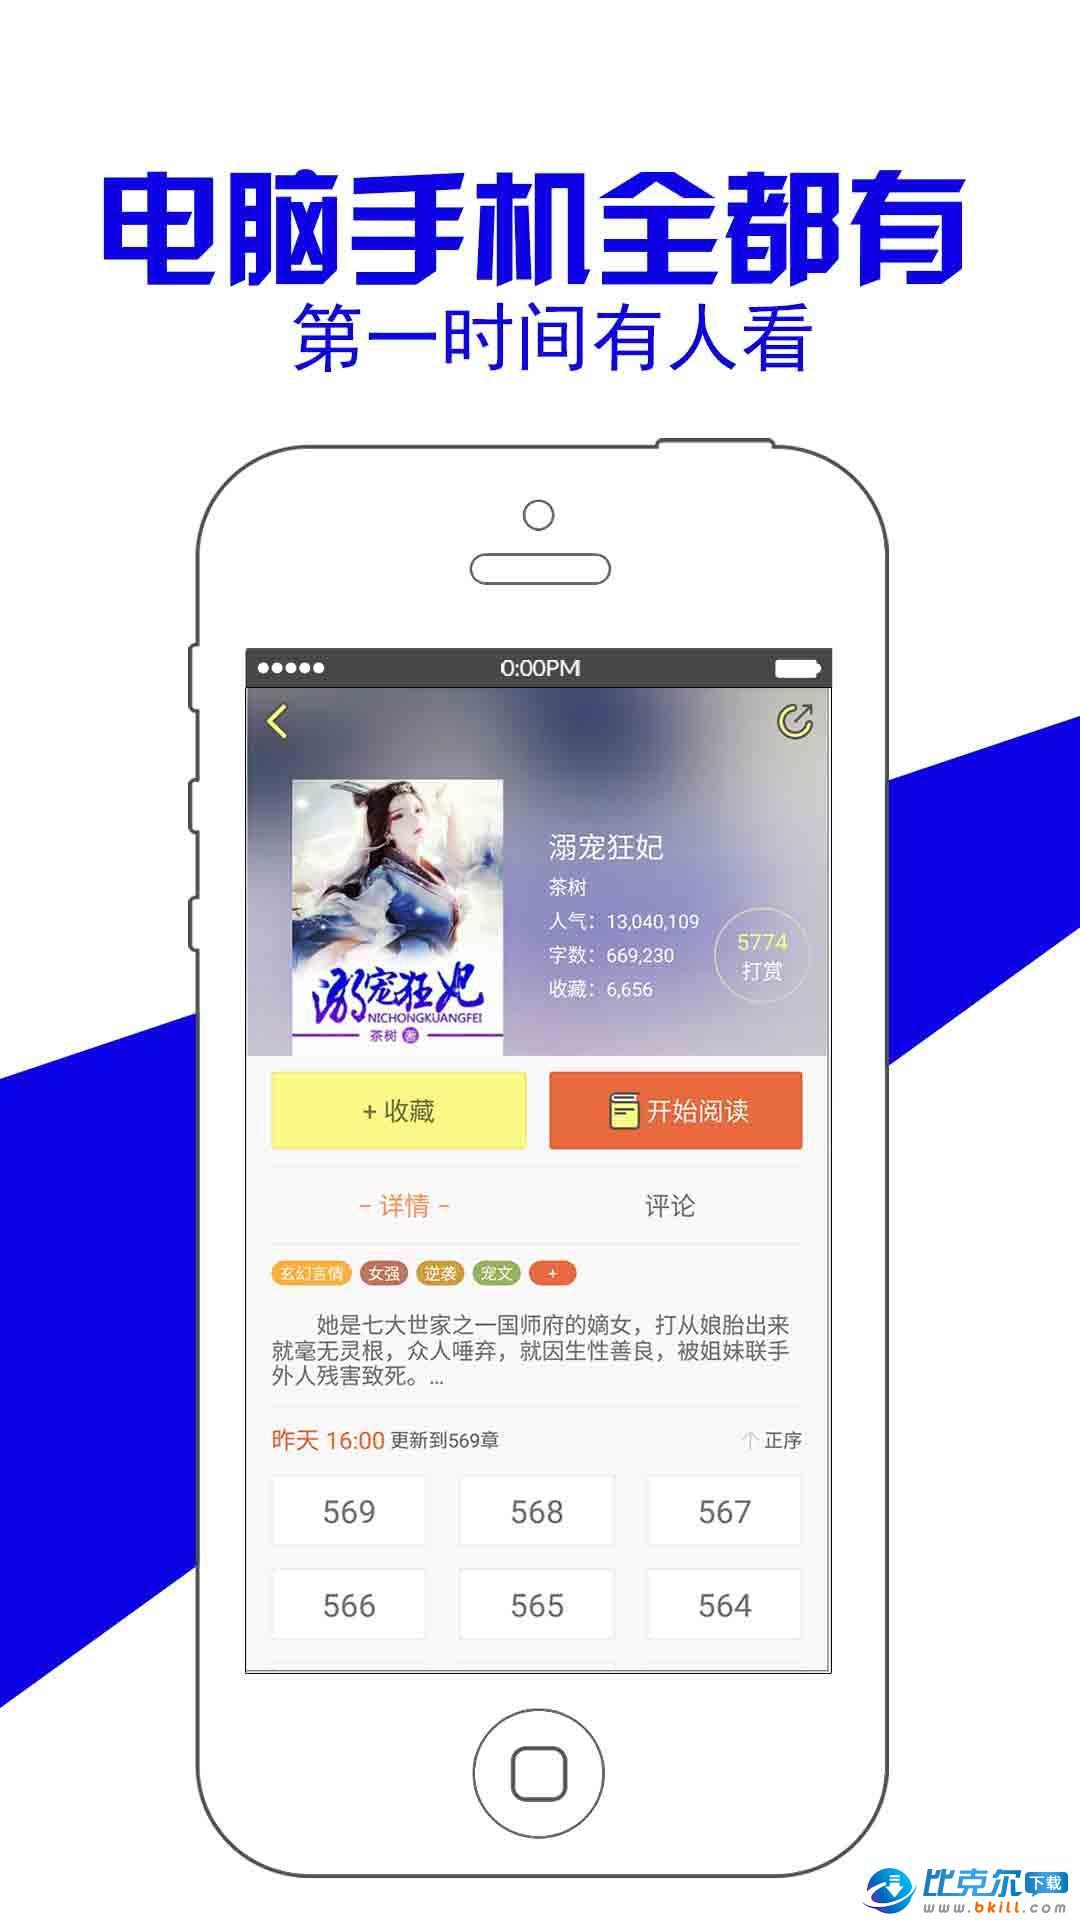 手机写小说app|手机写小说安卓版下载 v3.3.0 - 3322软件站